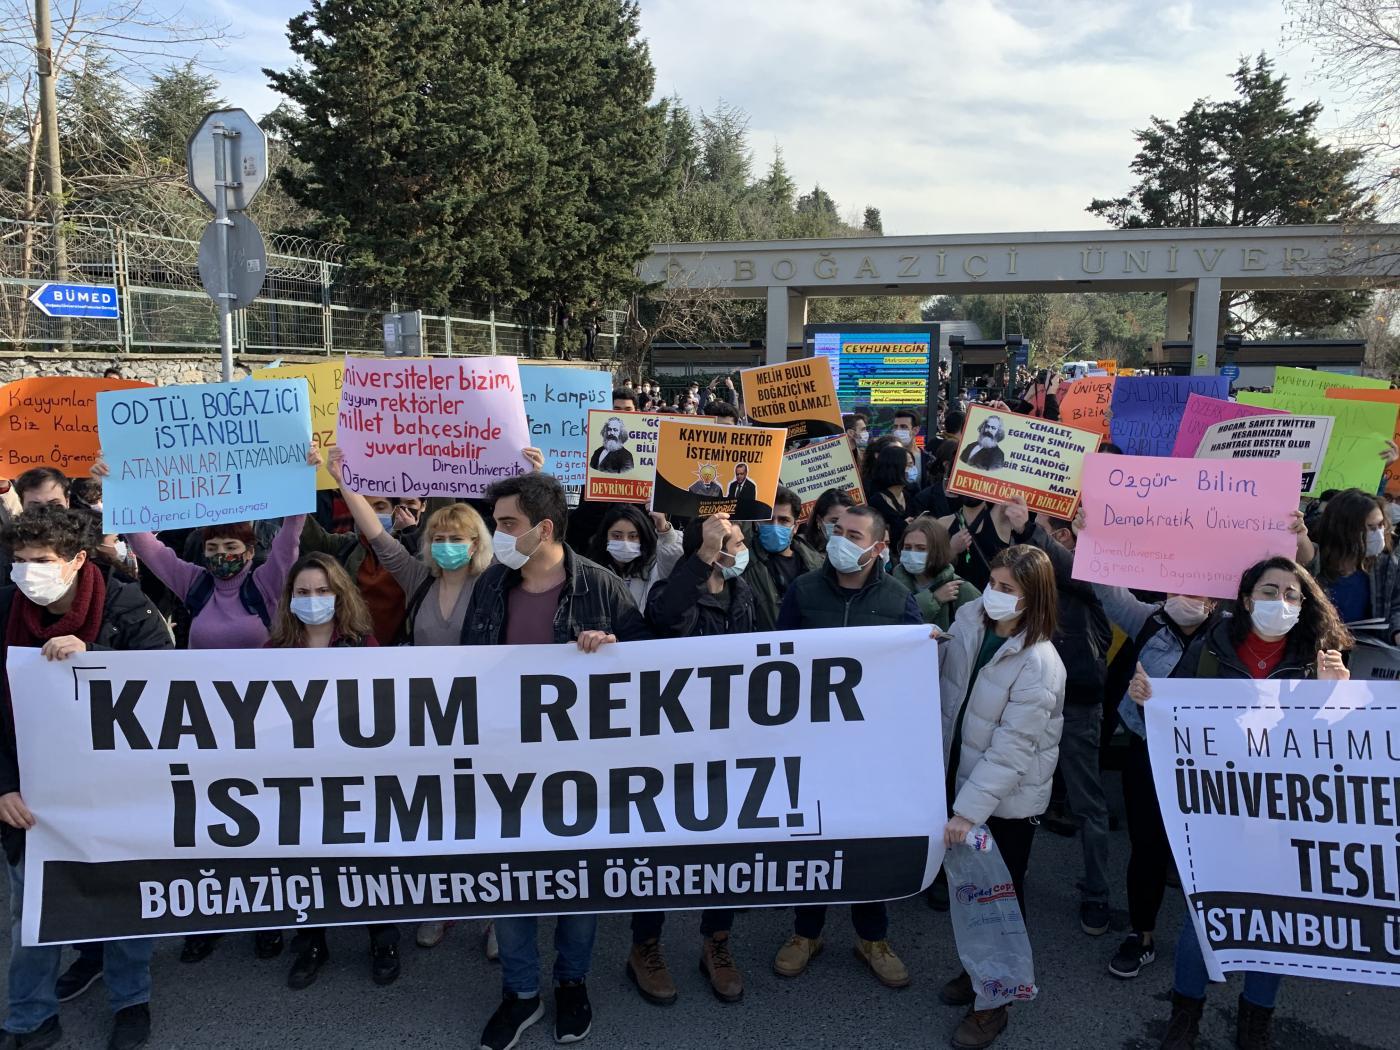 Τουρκικό ΥΠΕΞ: Κανείς δεν μπορεί να παρεμβαίνει στις εσωτερικές μας υποθέσεις